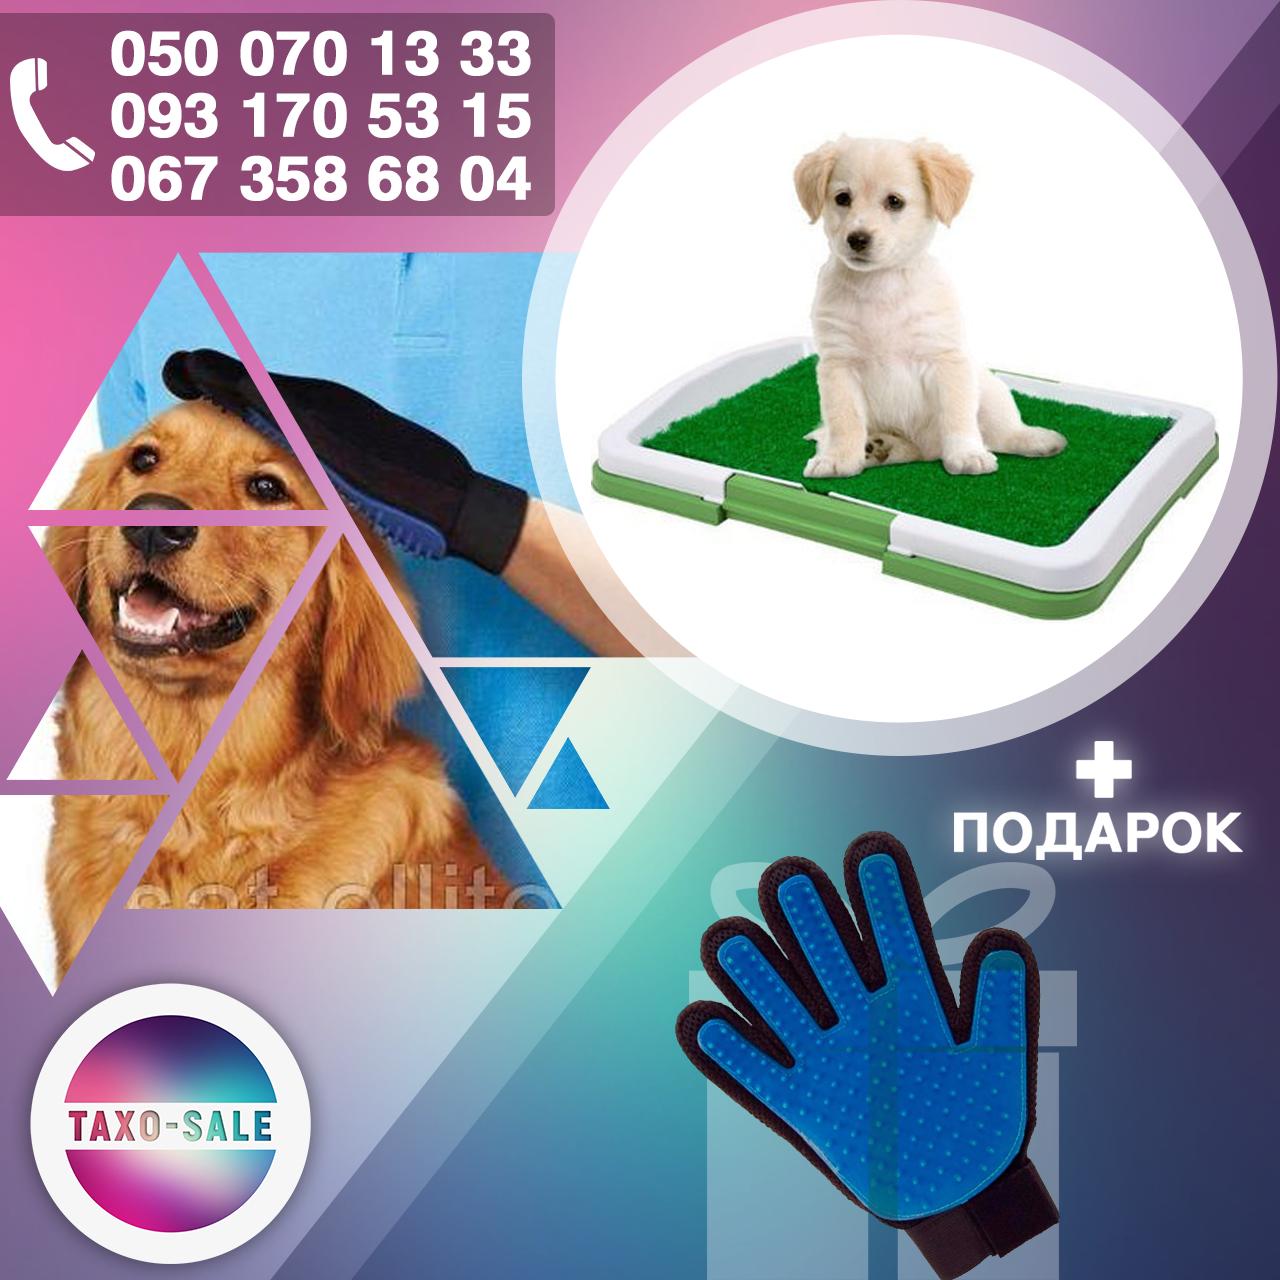 Туалет для собак Puppy Potty Pad, коврик лоток для собак + Перчатка для вычесывания шерсти В ПОДАРОК!